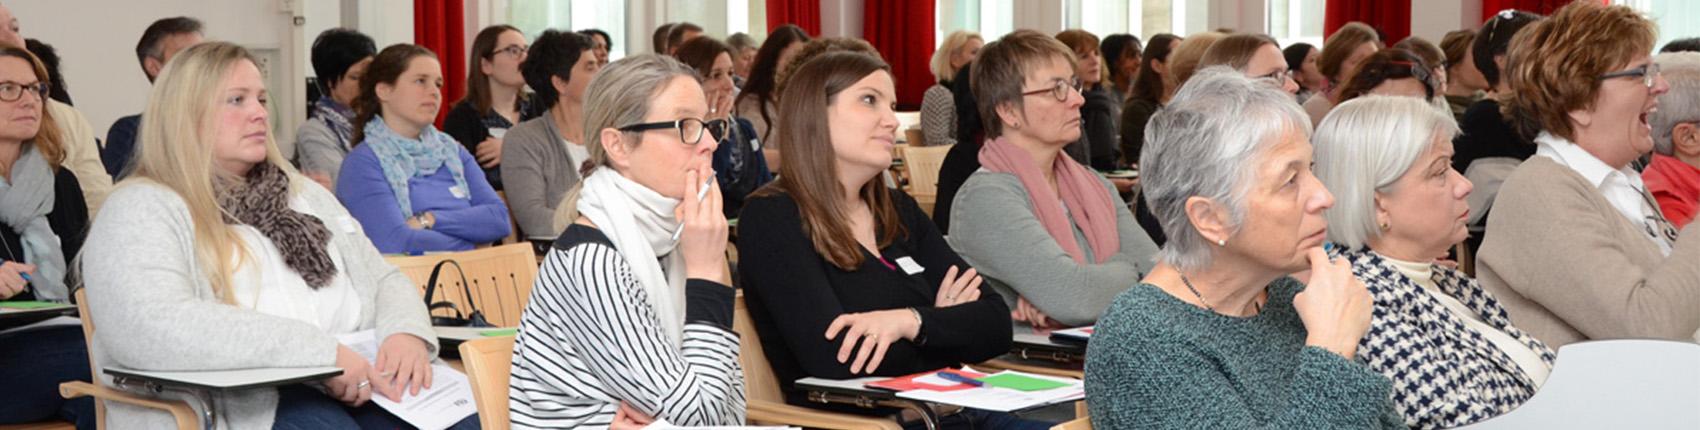 Infektionsprävention & Spitalhygiene des Berufsverbandes Schweiz - fibs